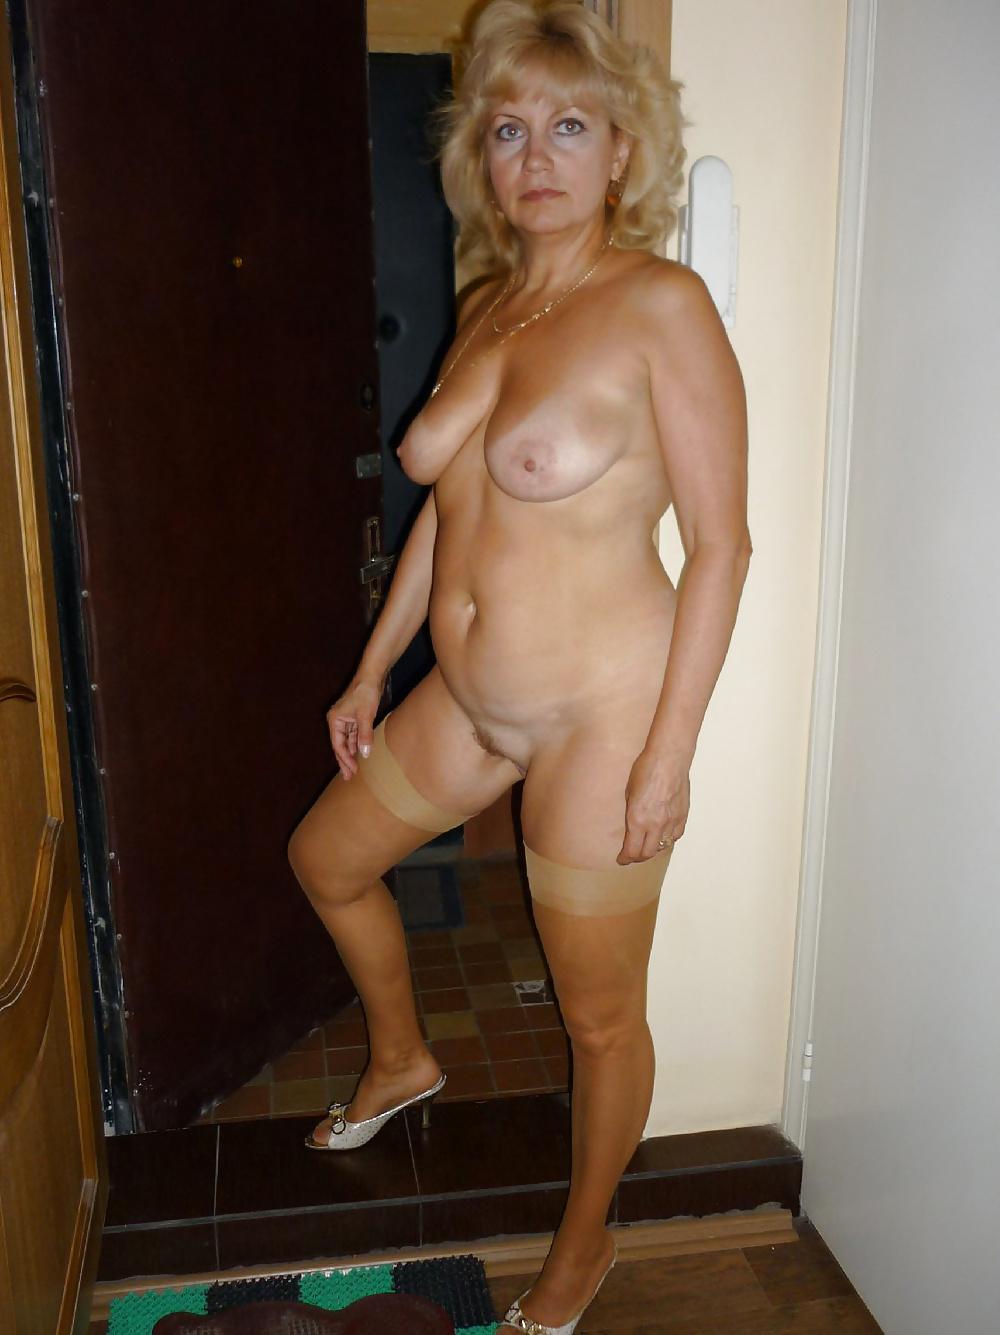 образом значительно фото галереи зрелых женщин голышом частное умело раздвигают ноги